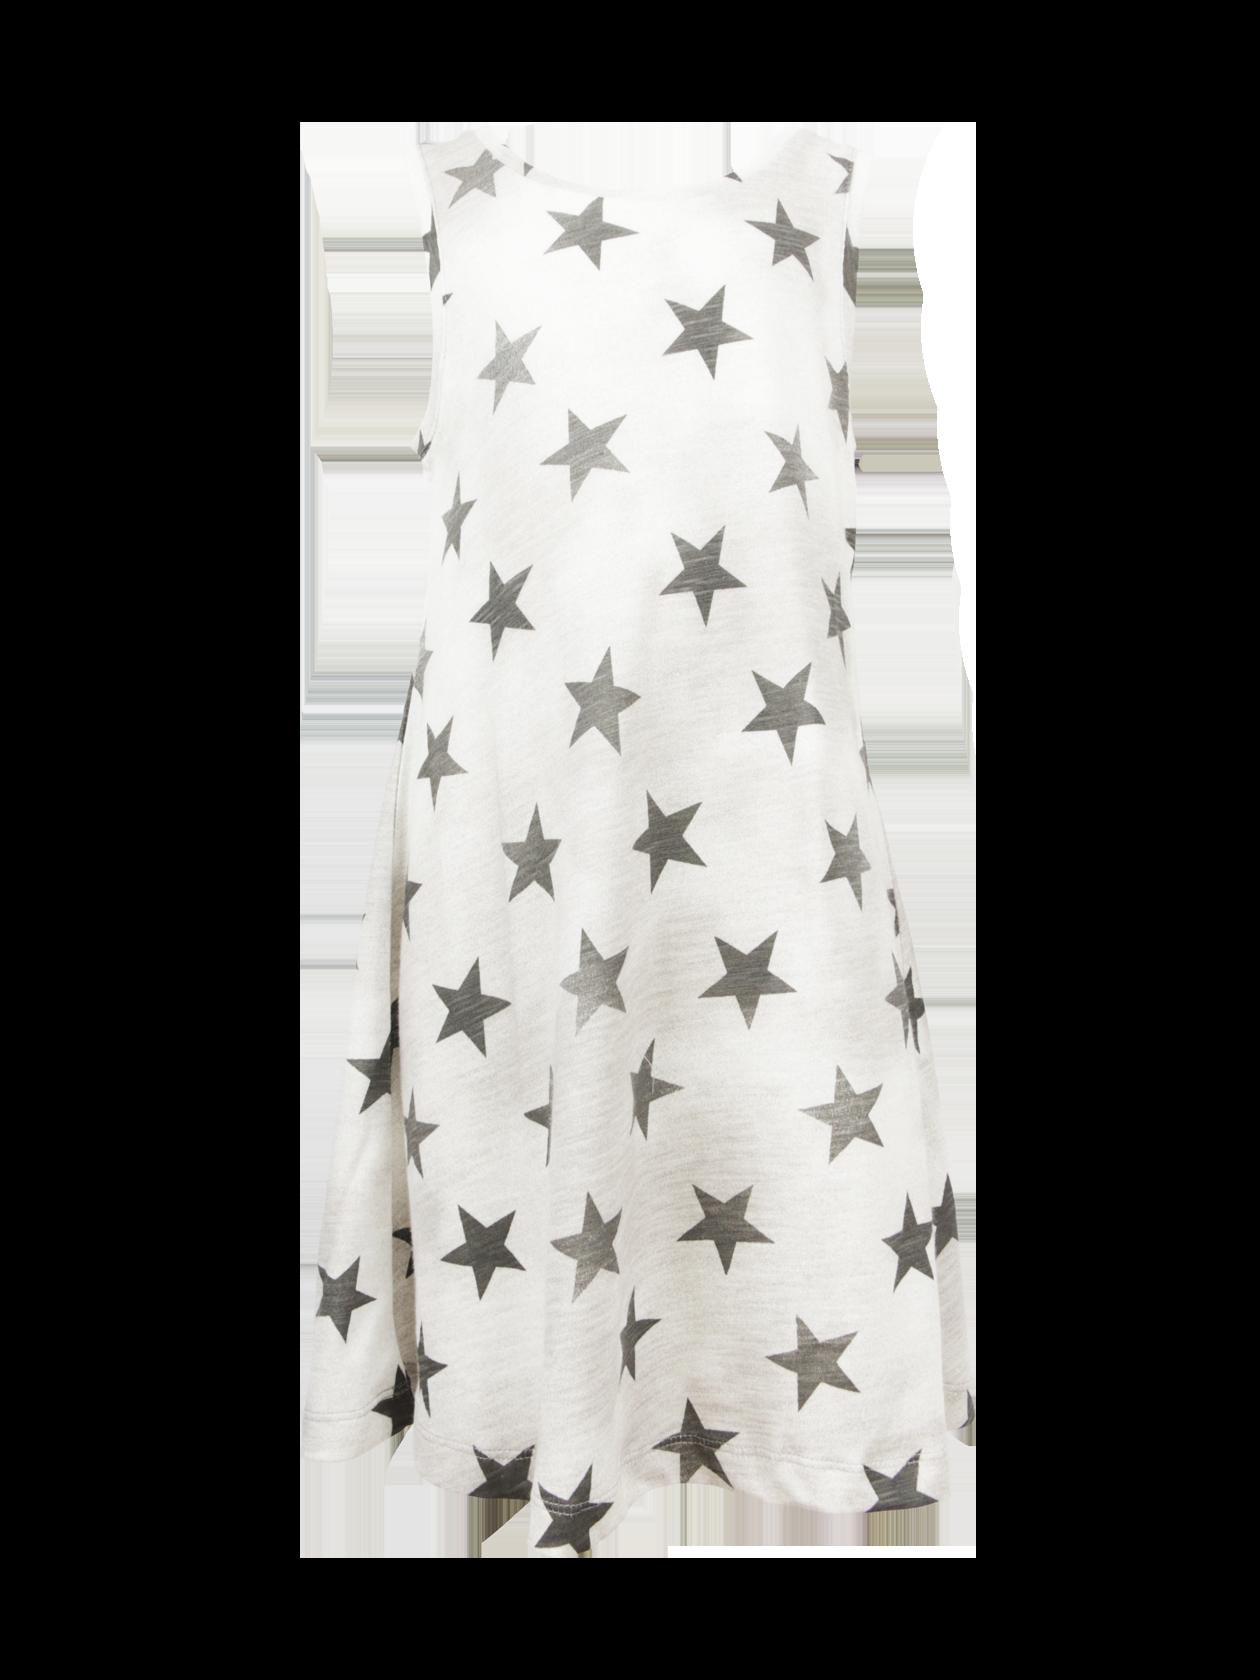 Платье детское ALL BLACK STARПлатье детское All Black Star – идеальный выбор для юных модниц. Модель представлена в популярной серой расцветке с затемнениями и крупными черными звездами по всему изделию. Верх полуприлегающей формы со значительным расширением к нижней части. Длина чуть ниже колена, рукав отсутствует. Круглая горловина обработана окантовкой из основного материала. При изготовлении платья использован высококачественный 100% хлопок, за счет которого обеспечивается максимальный комфорт при носке.<br><br>Размер: 9-10 years<br>Цвет: Серый<br>Пол: Унисекс